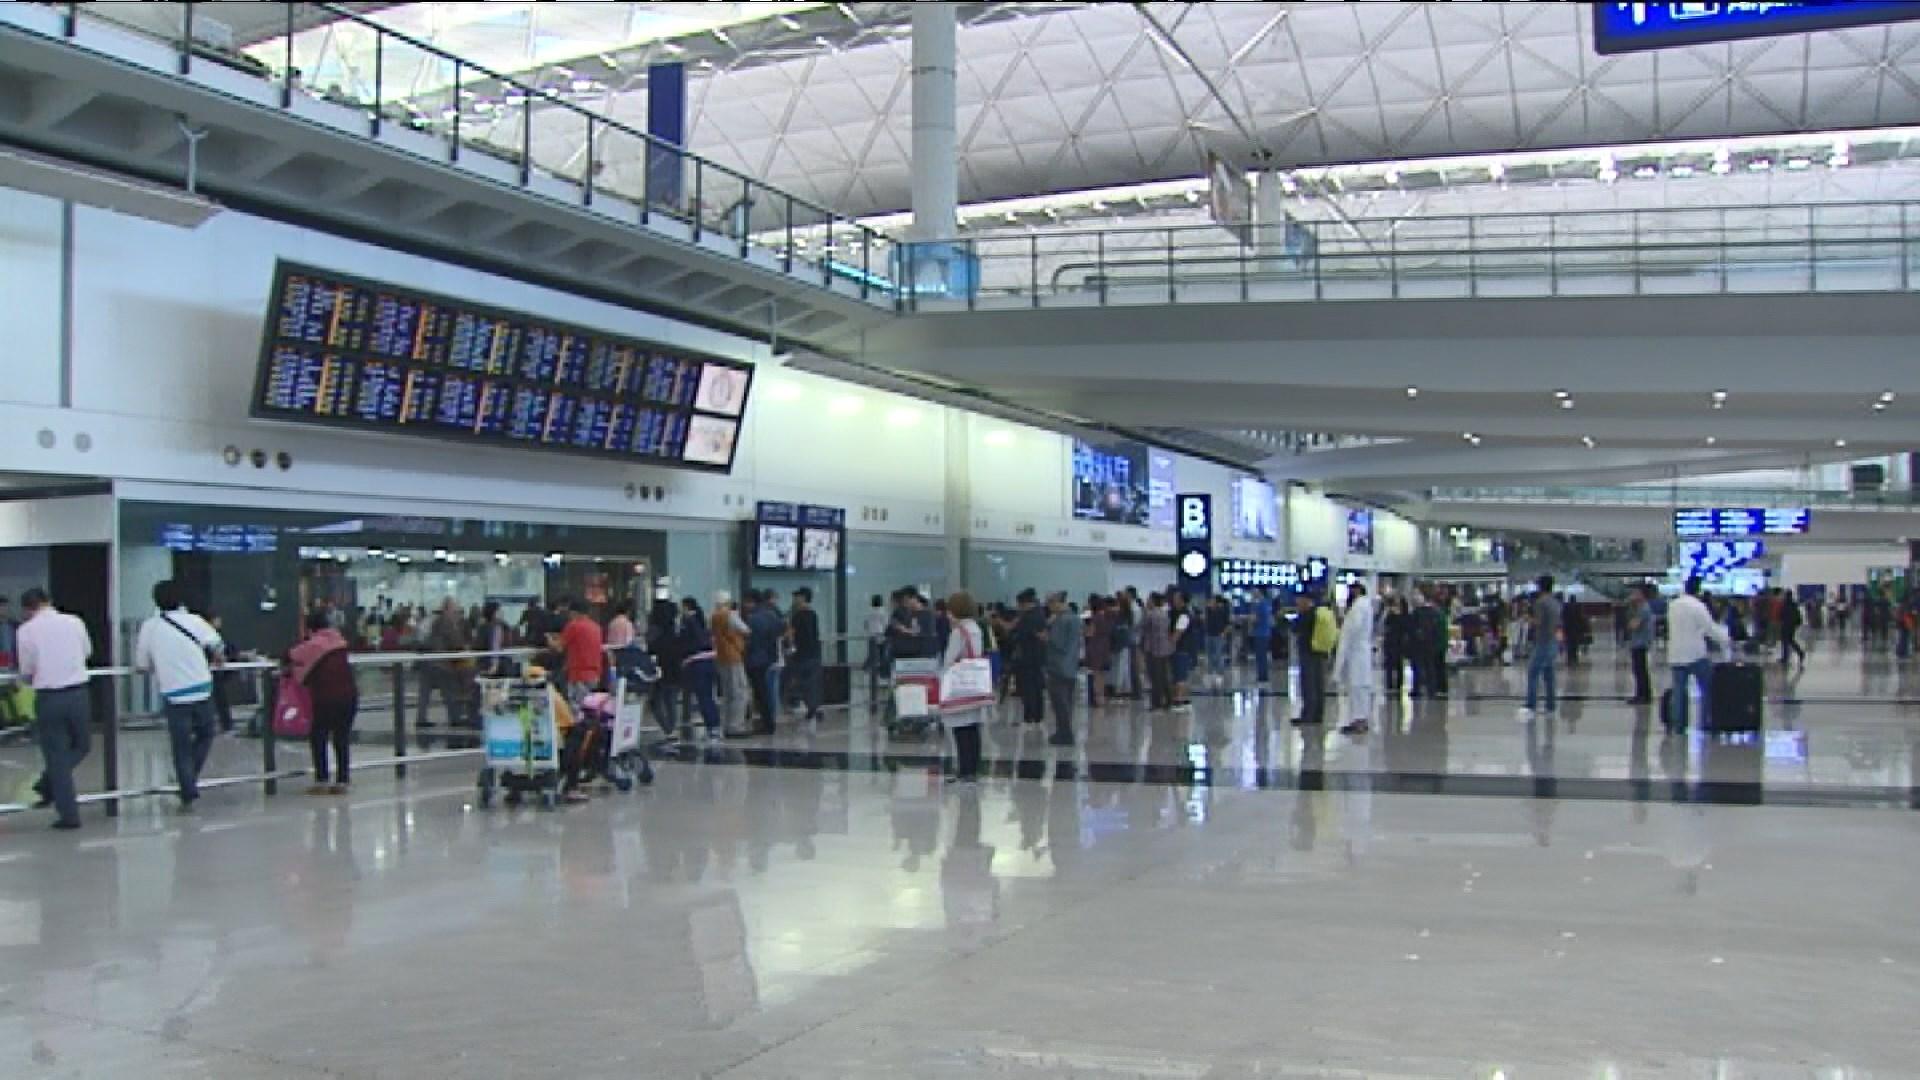 旅遊界憂社會氣氛持續緊張 影響長途市場